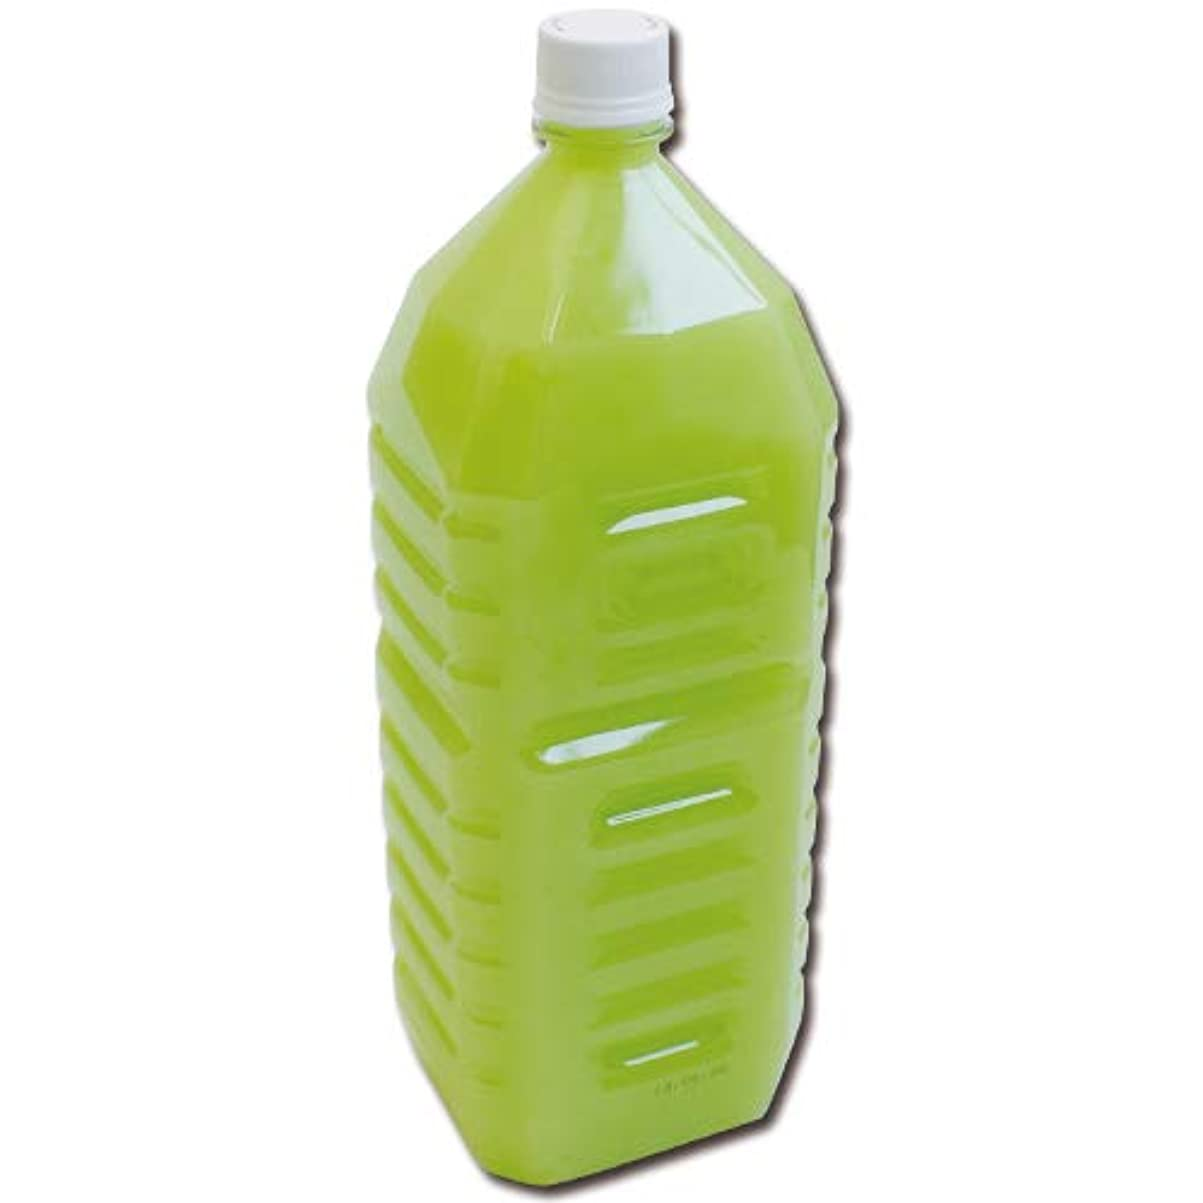 洗うにぎやか添加剤アボカドローション アボカドエキス配合 2Lペットボトル ハードタイプ(5倍濃縮原液)│アボガド 業務用ローション ヌルヌル潤滑ローション マッサージゼリー